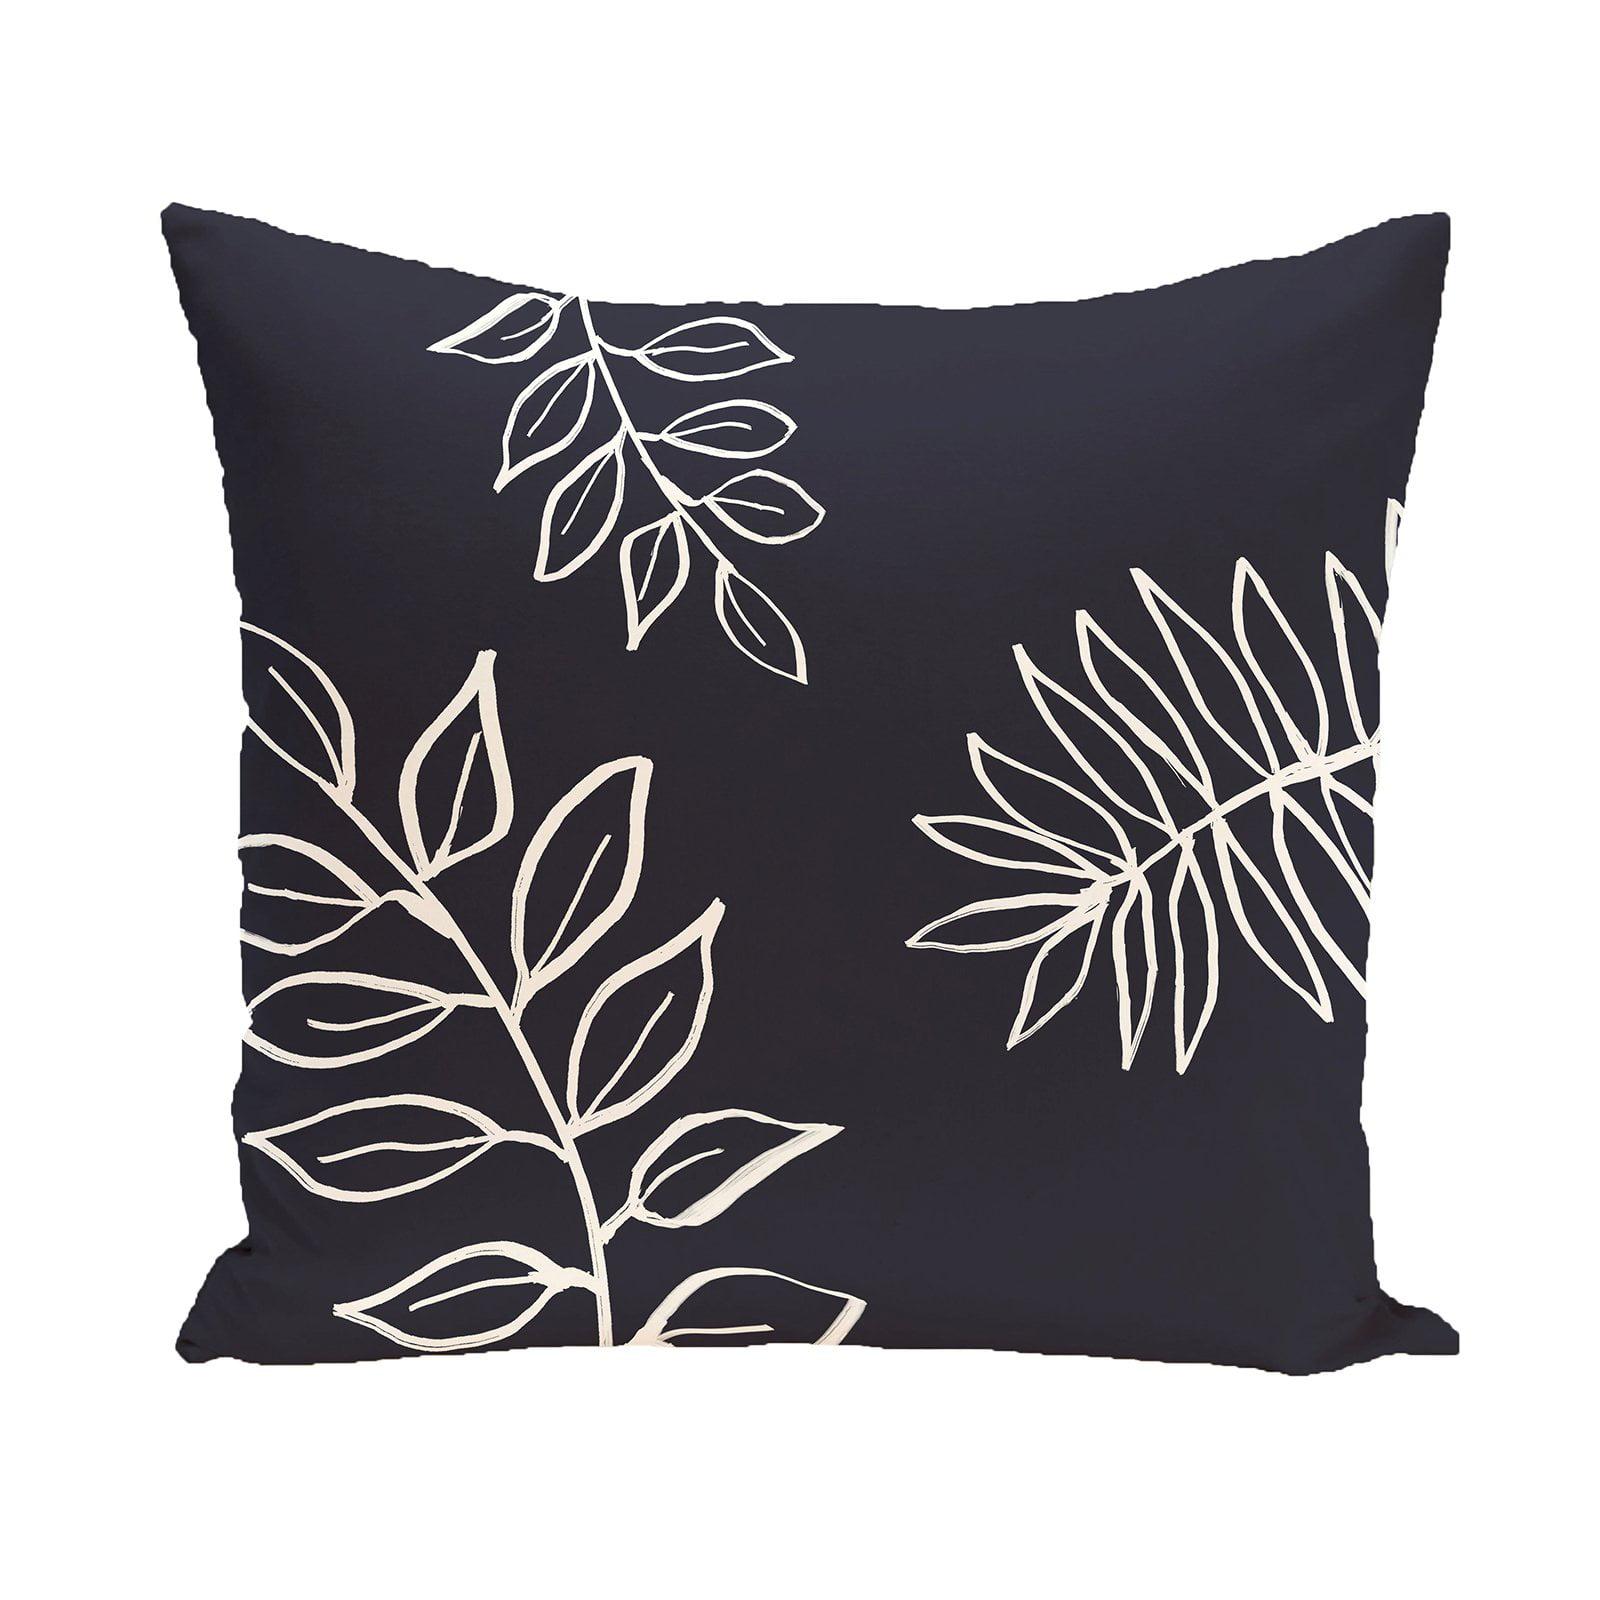 E by Design Leaf Imprint Decorative Pillow